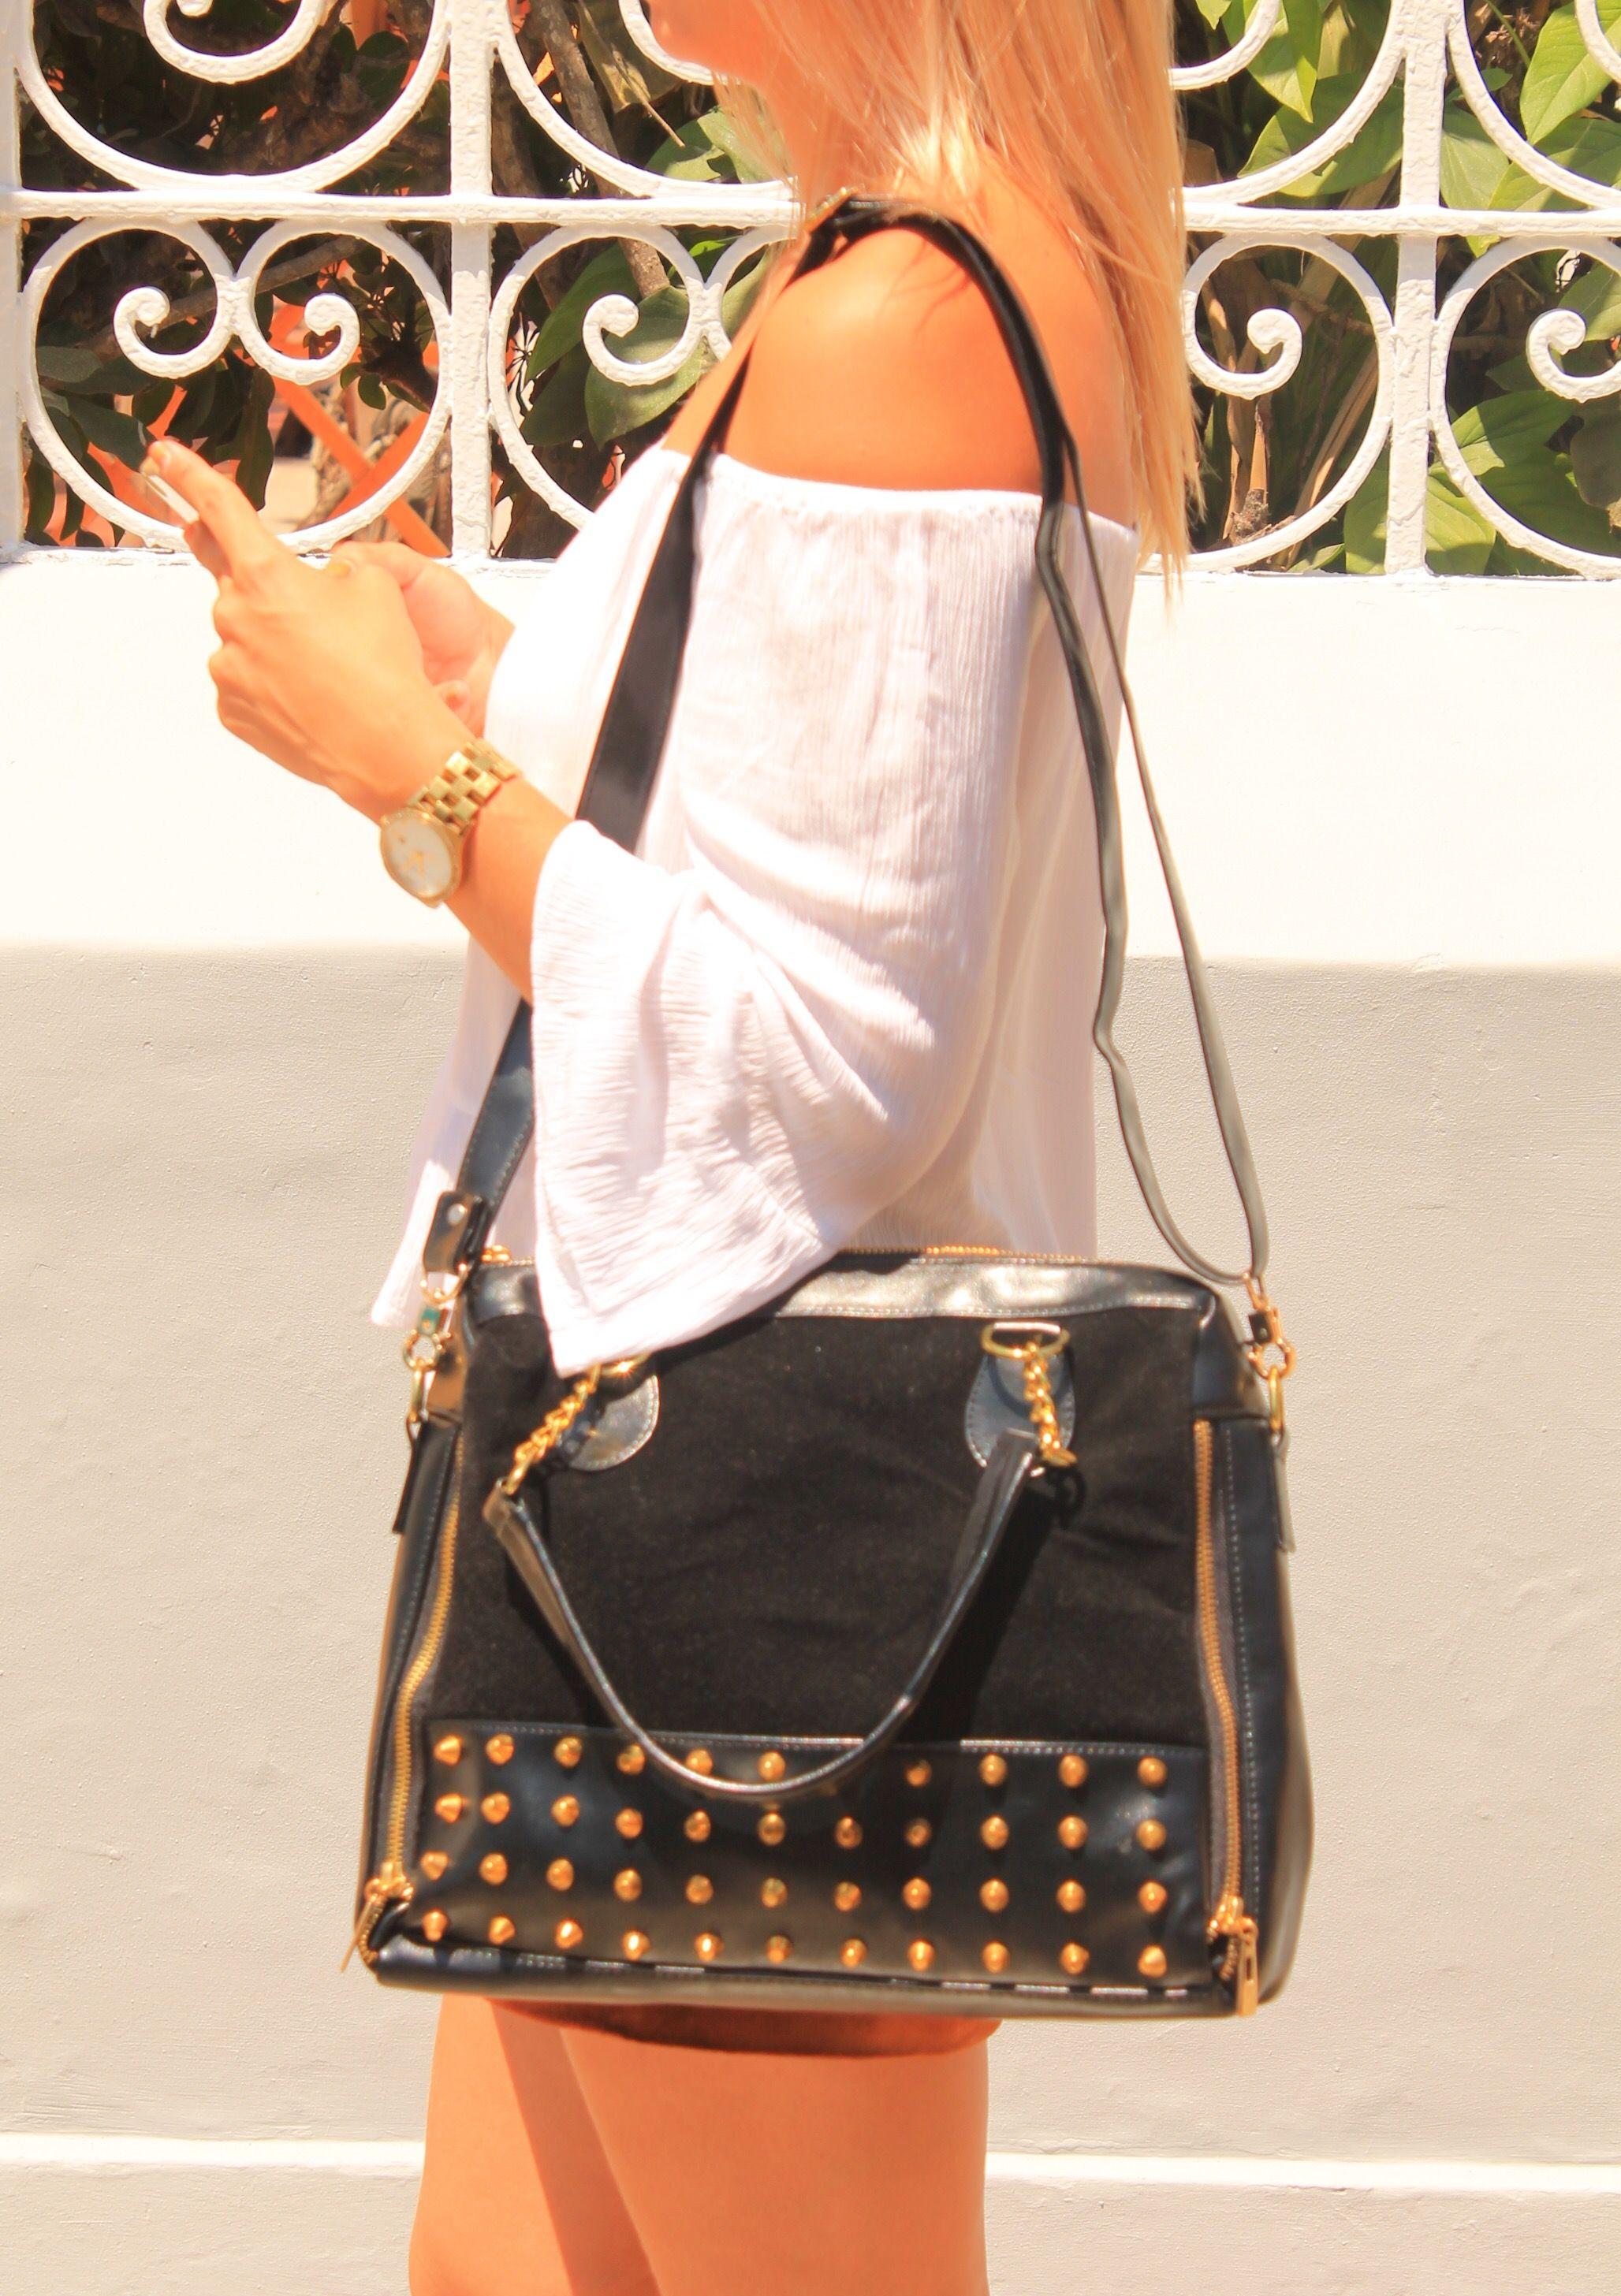 Carteras de moda y cuero para mujeres en PLUMSHOPONLINE.COM Leather and fashion womens handbags #bags #bag #moda #clutch #outfit - Cartera Negra Andressa